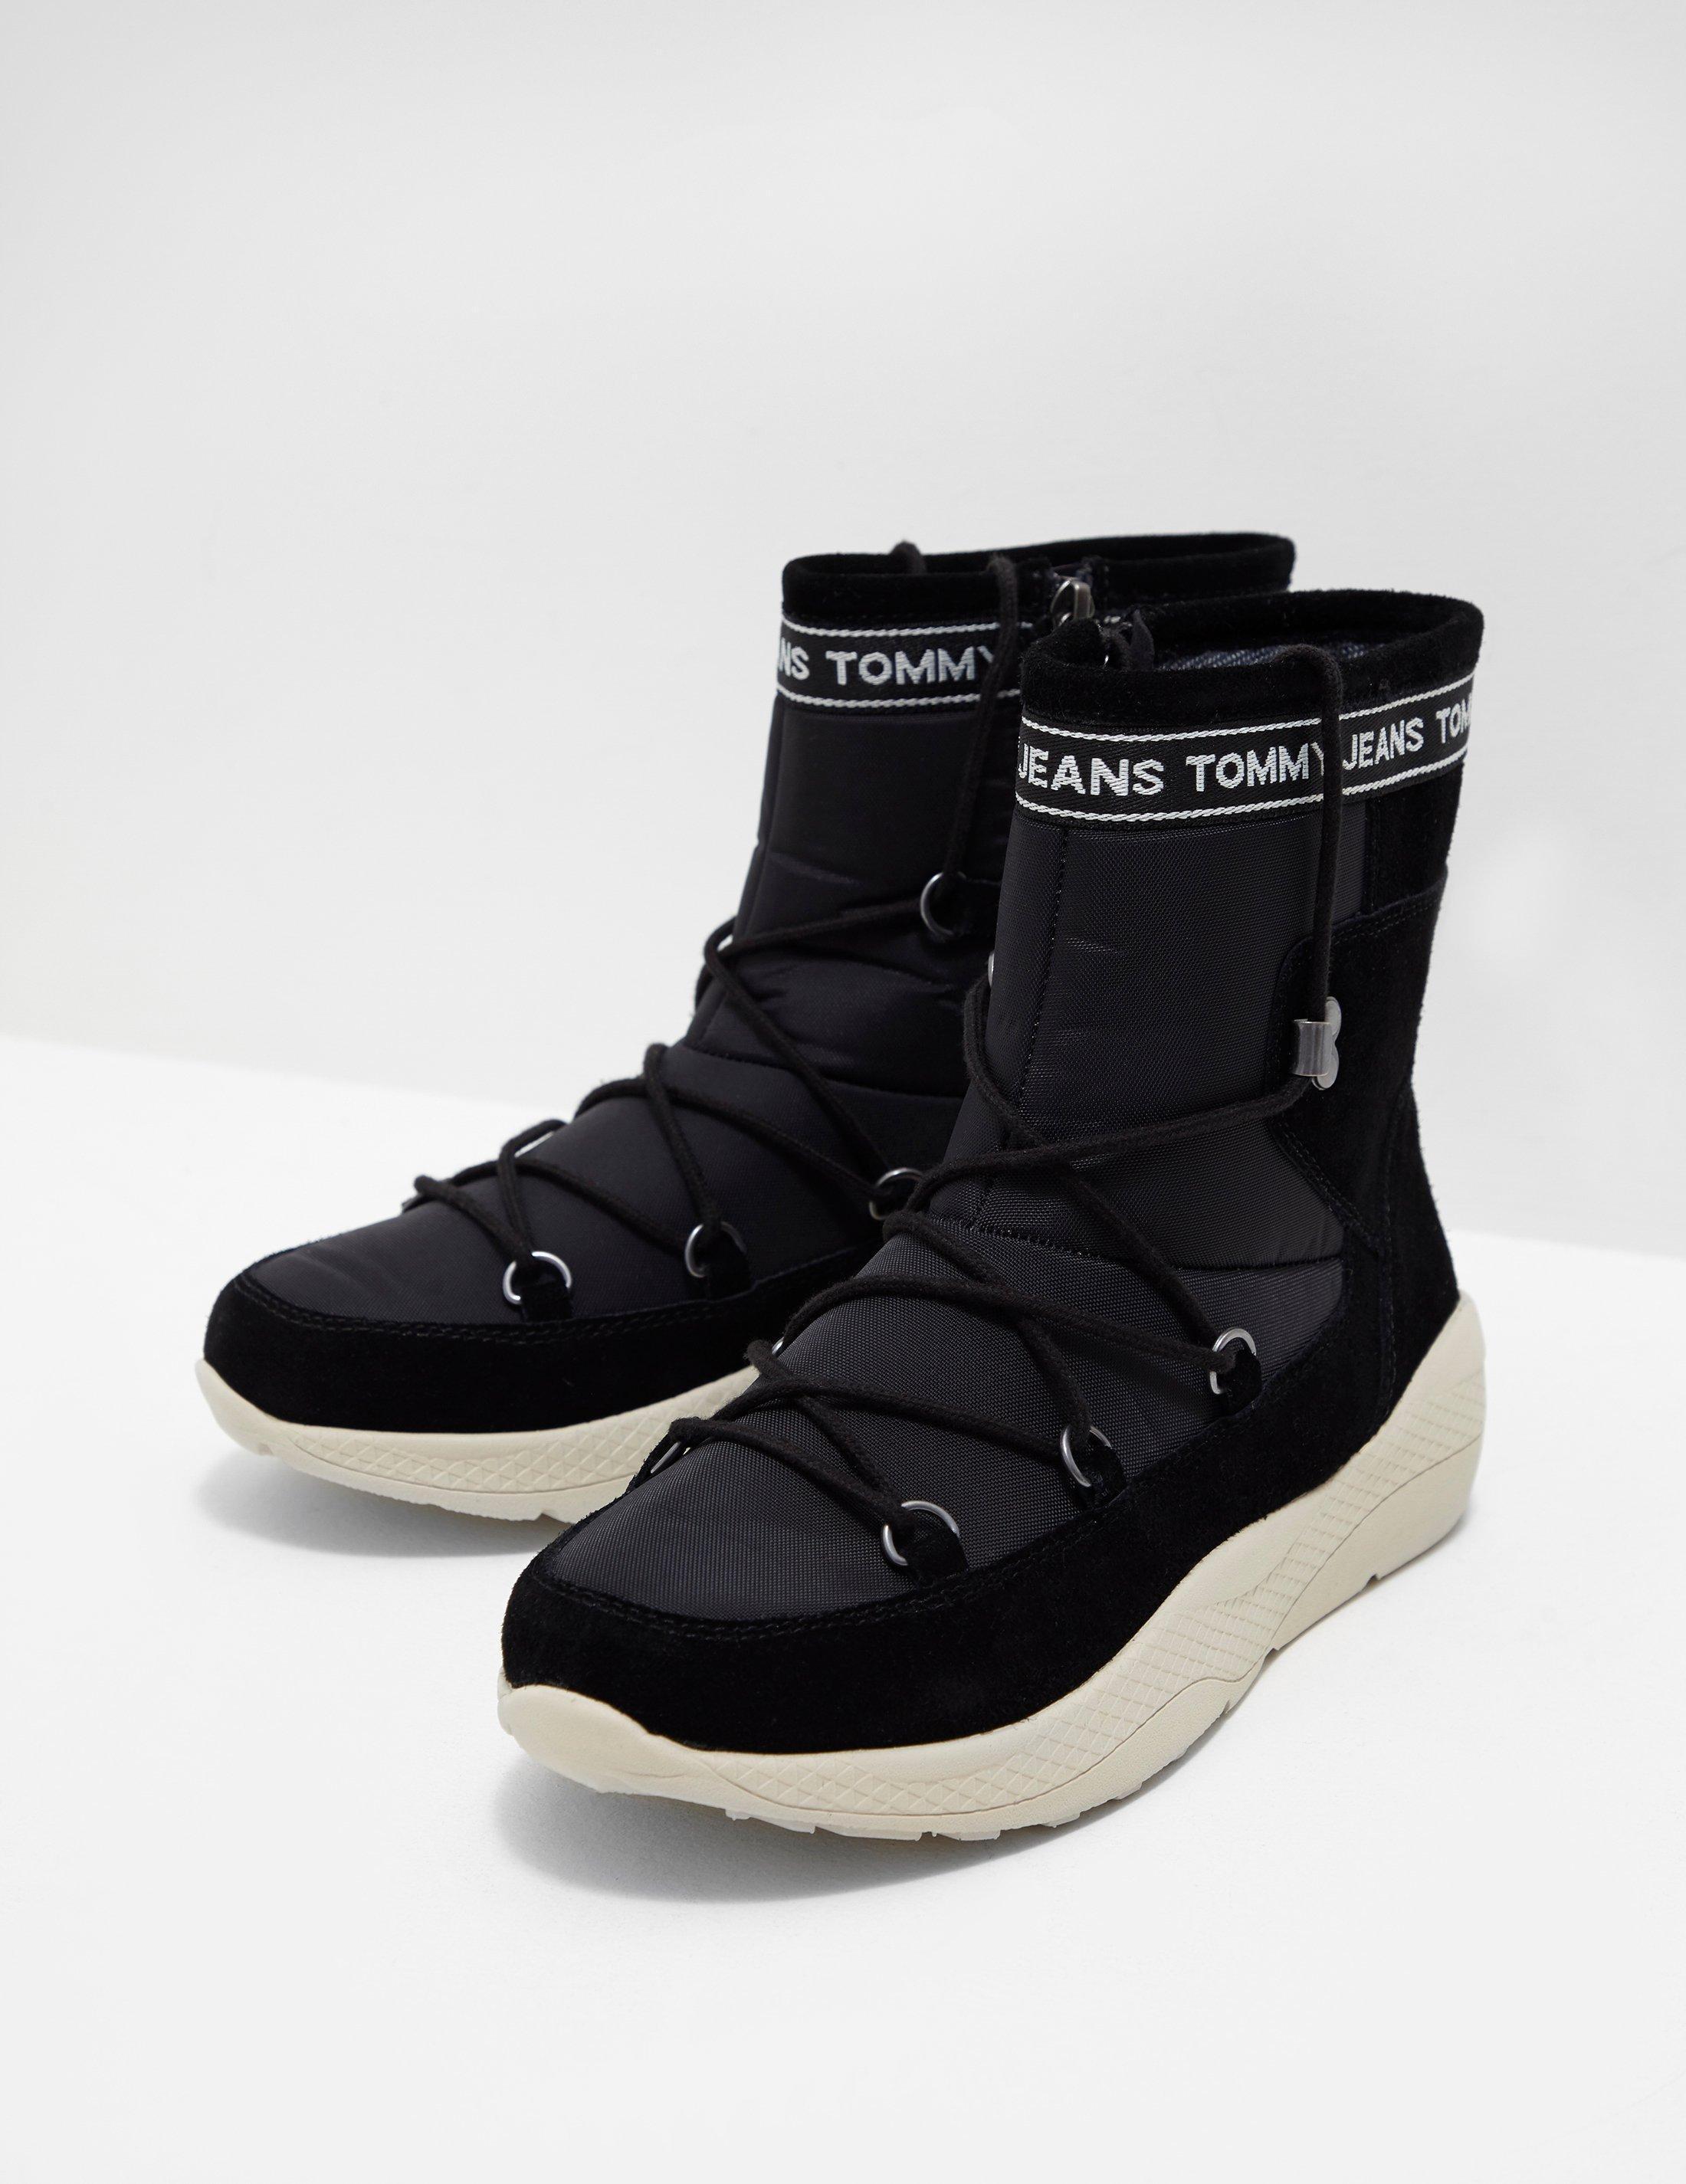 66e07ef94 Tommy Hilfiger Hybrid Ski Boots Black in Black - Save 57% - Lyst